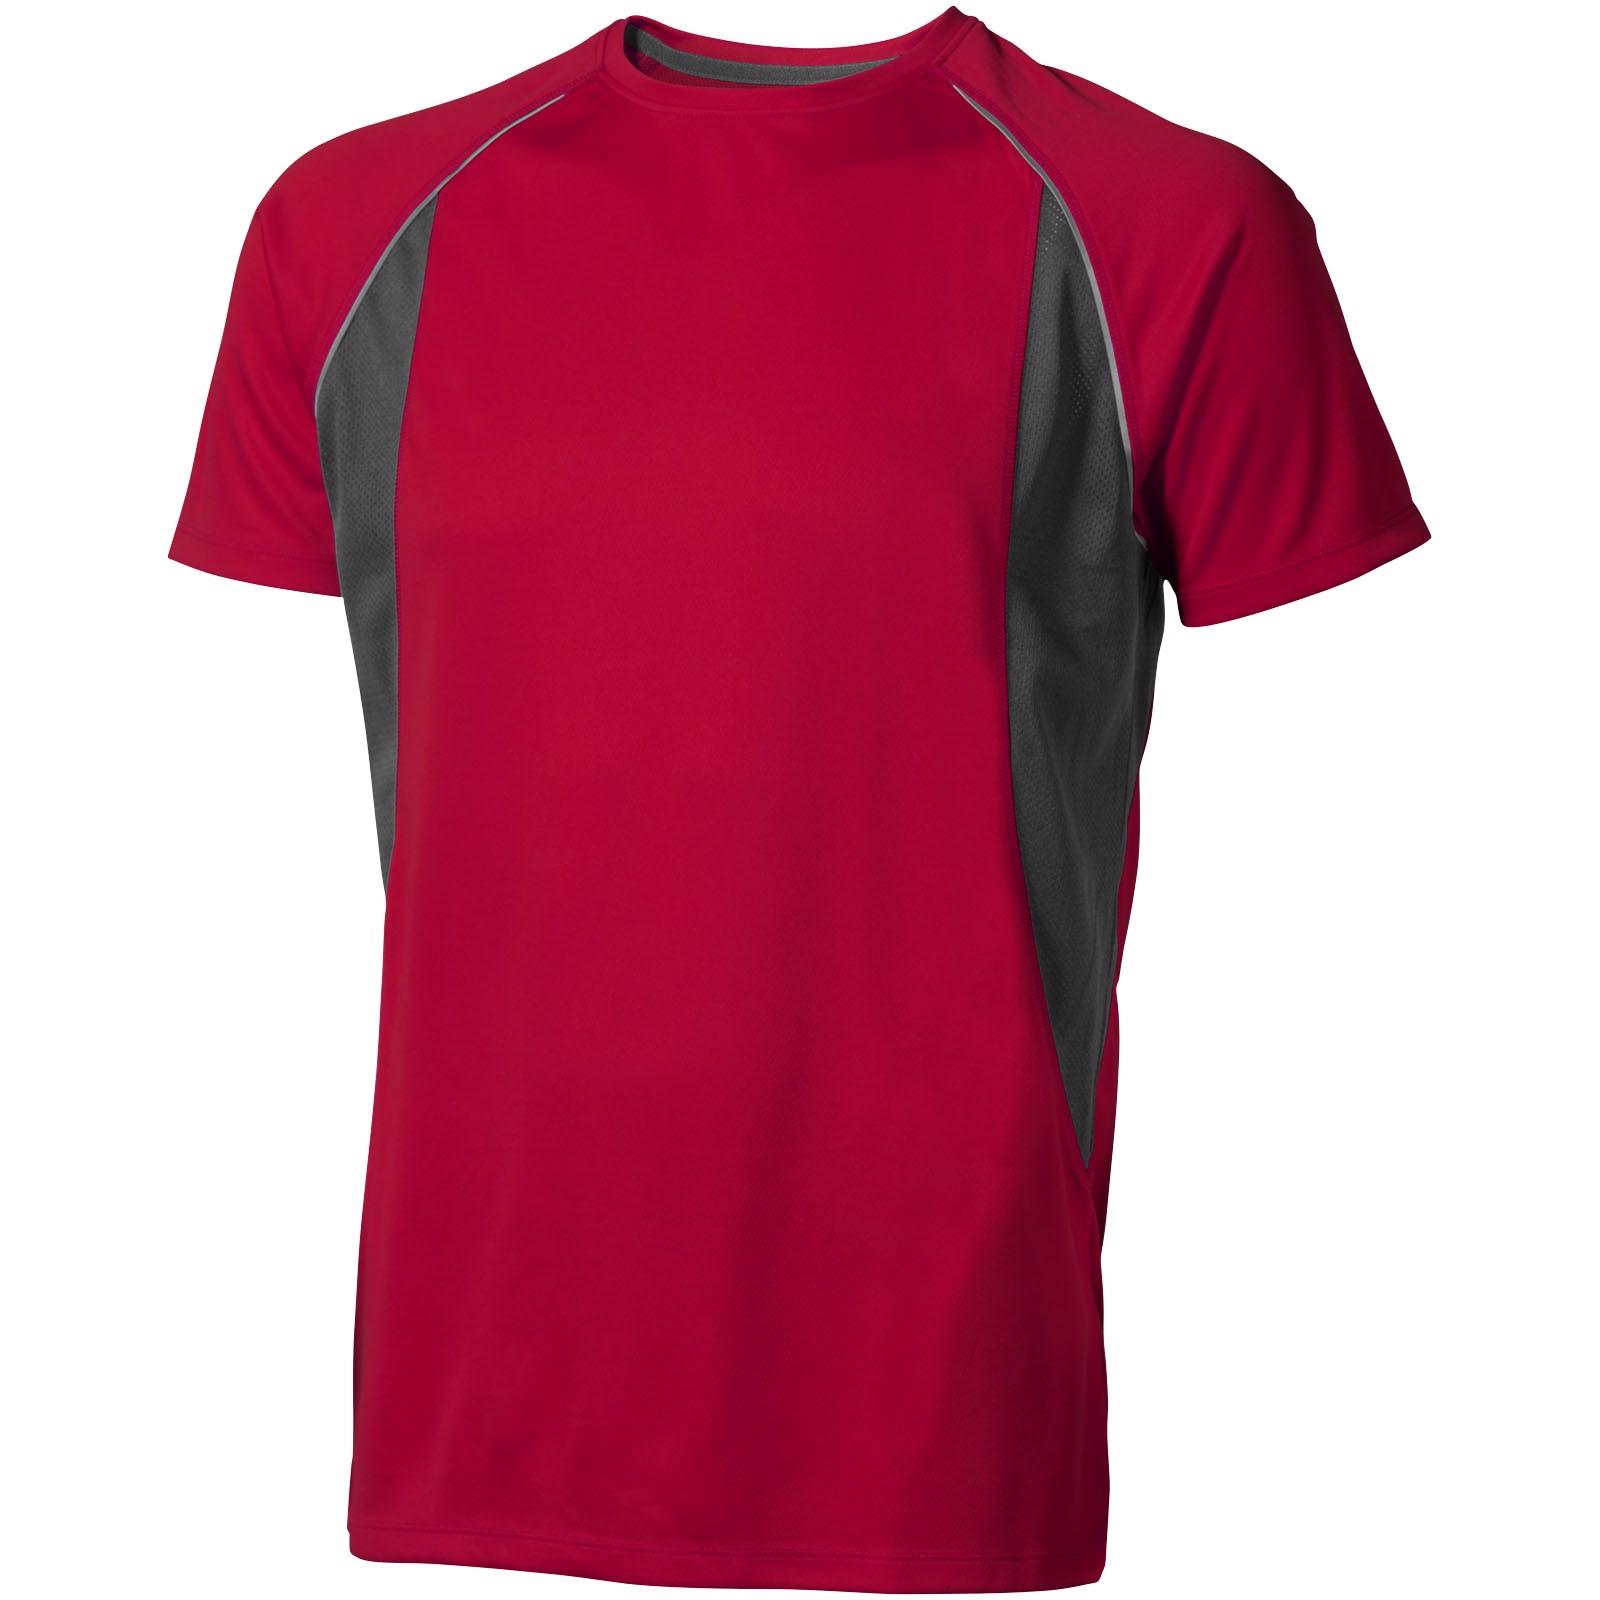 Pánské Tričko Quebec s krátkým rukávem, cool fit - Červená s efektem námrazy / Anthracitová / XXL